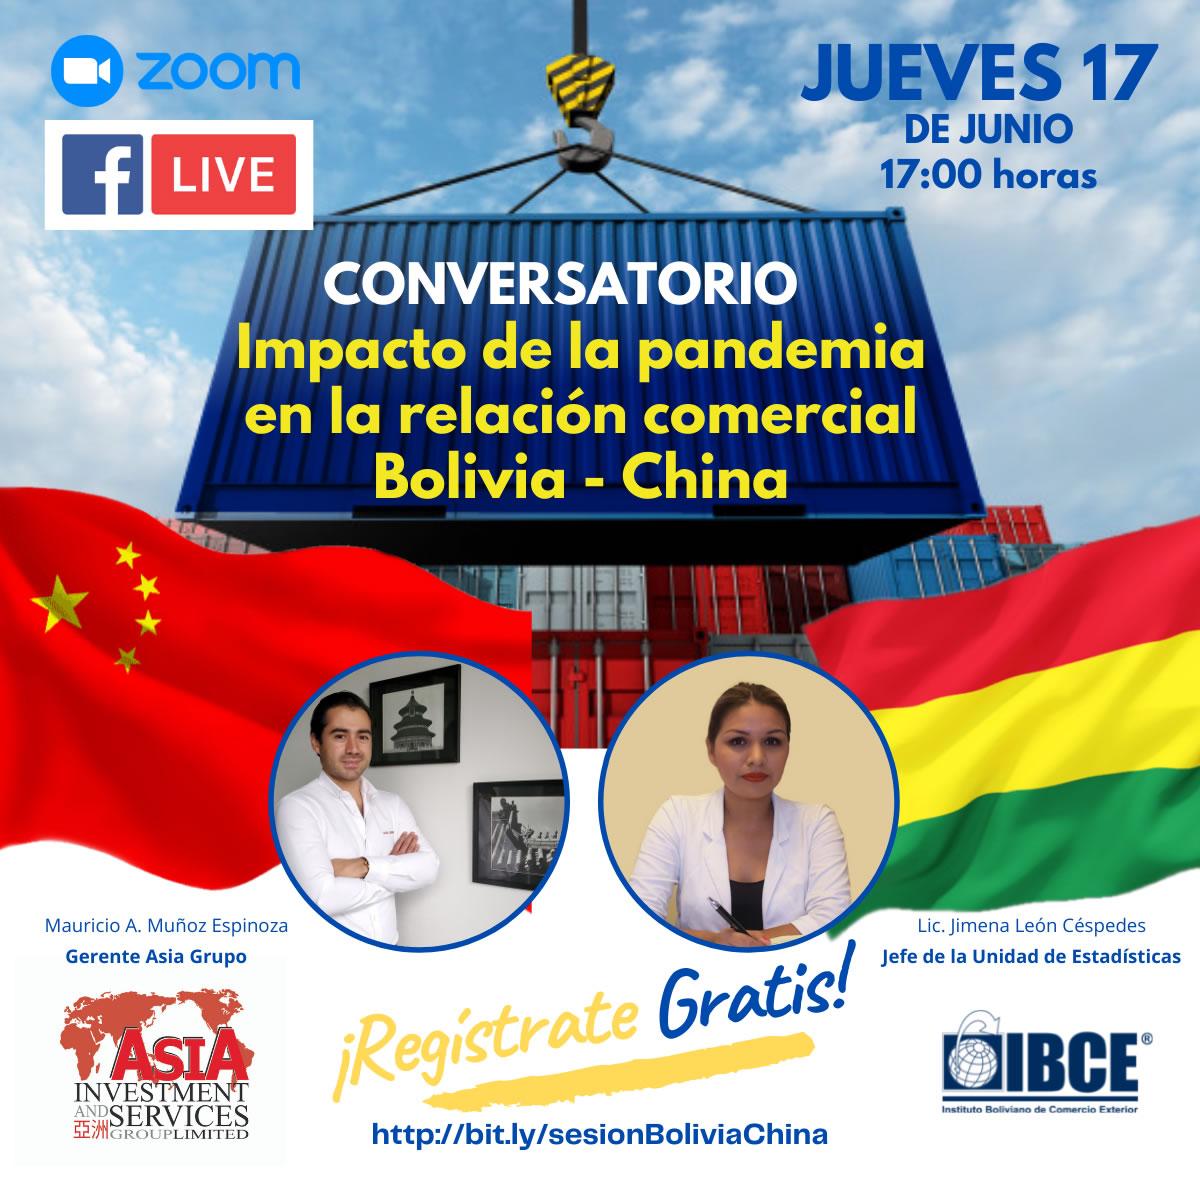 Conversatorio: Impacto de la pandemia en la relación comercial Bolivia-China